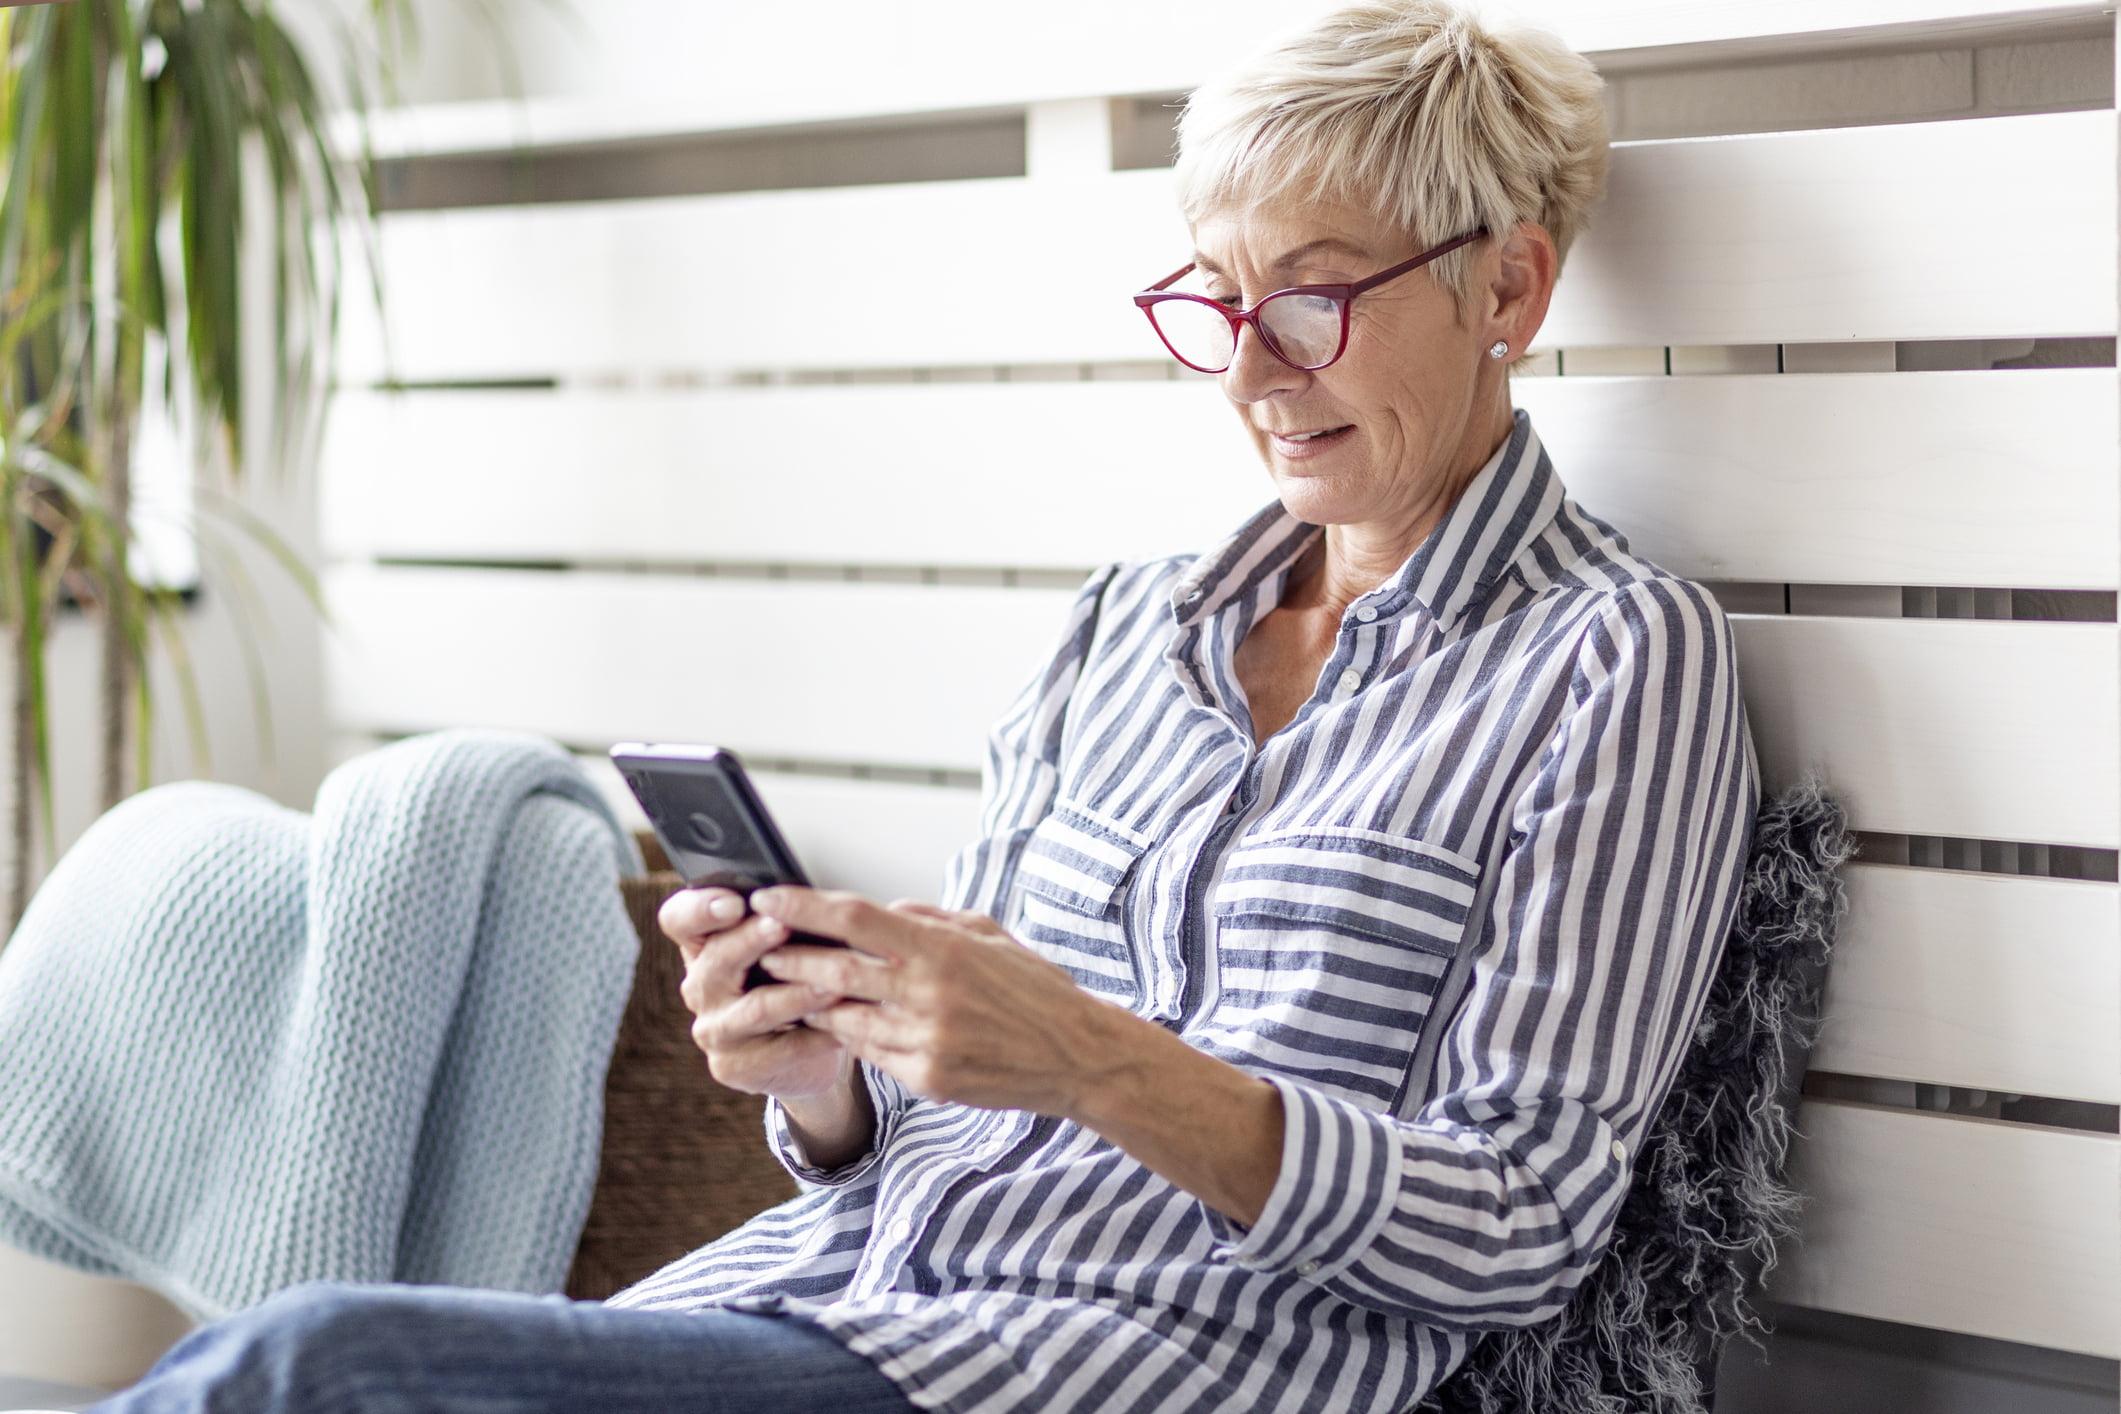 Cuáles son los hábitos digitales de los sénior o Zen Gen? - SENIOR50